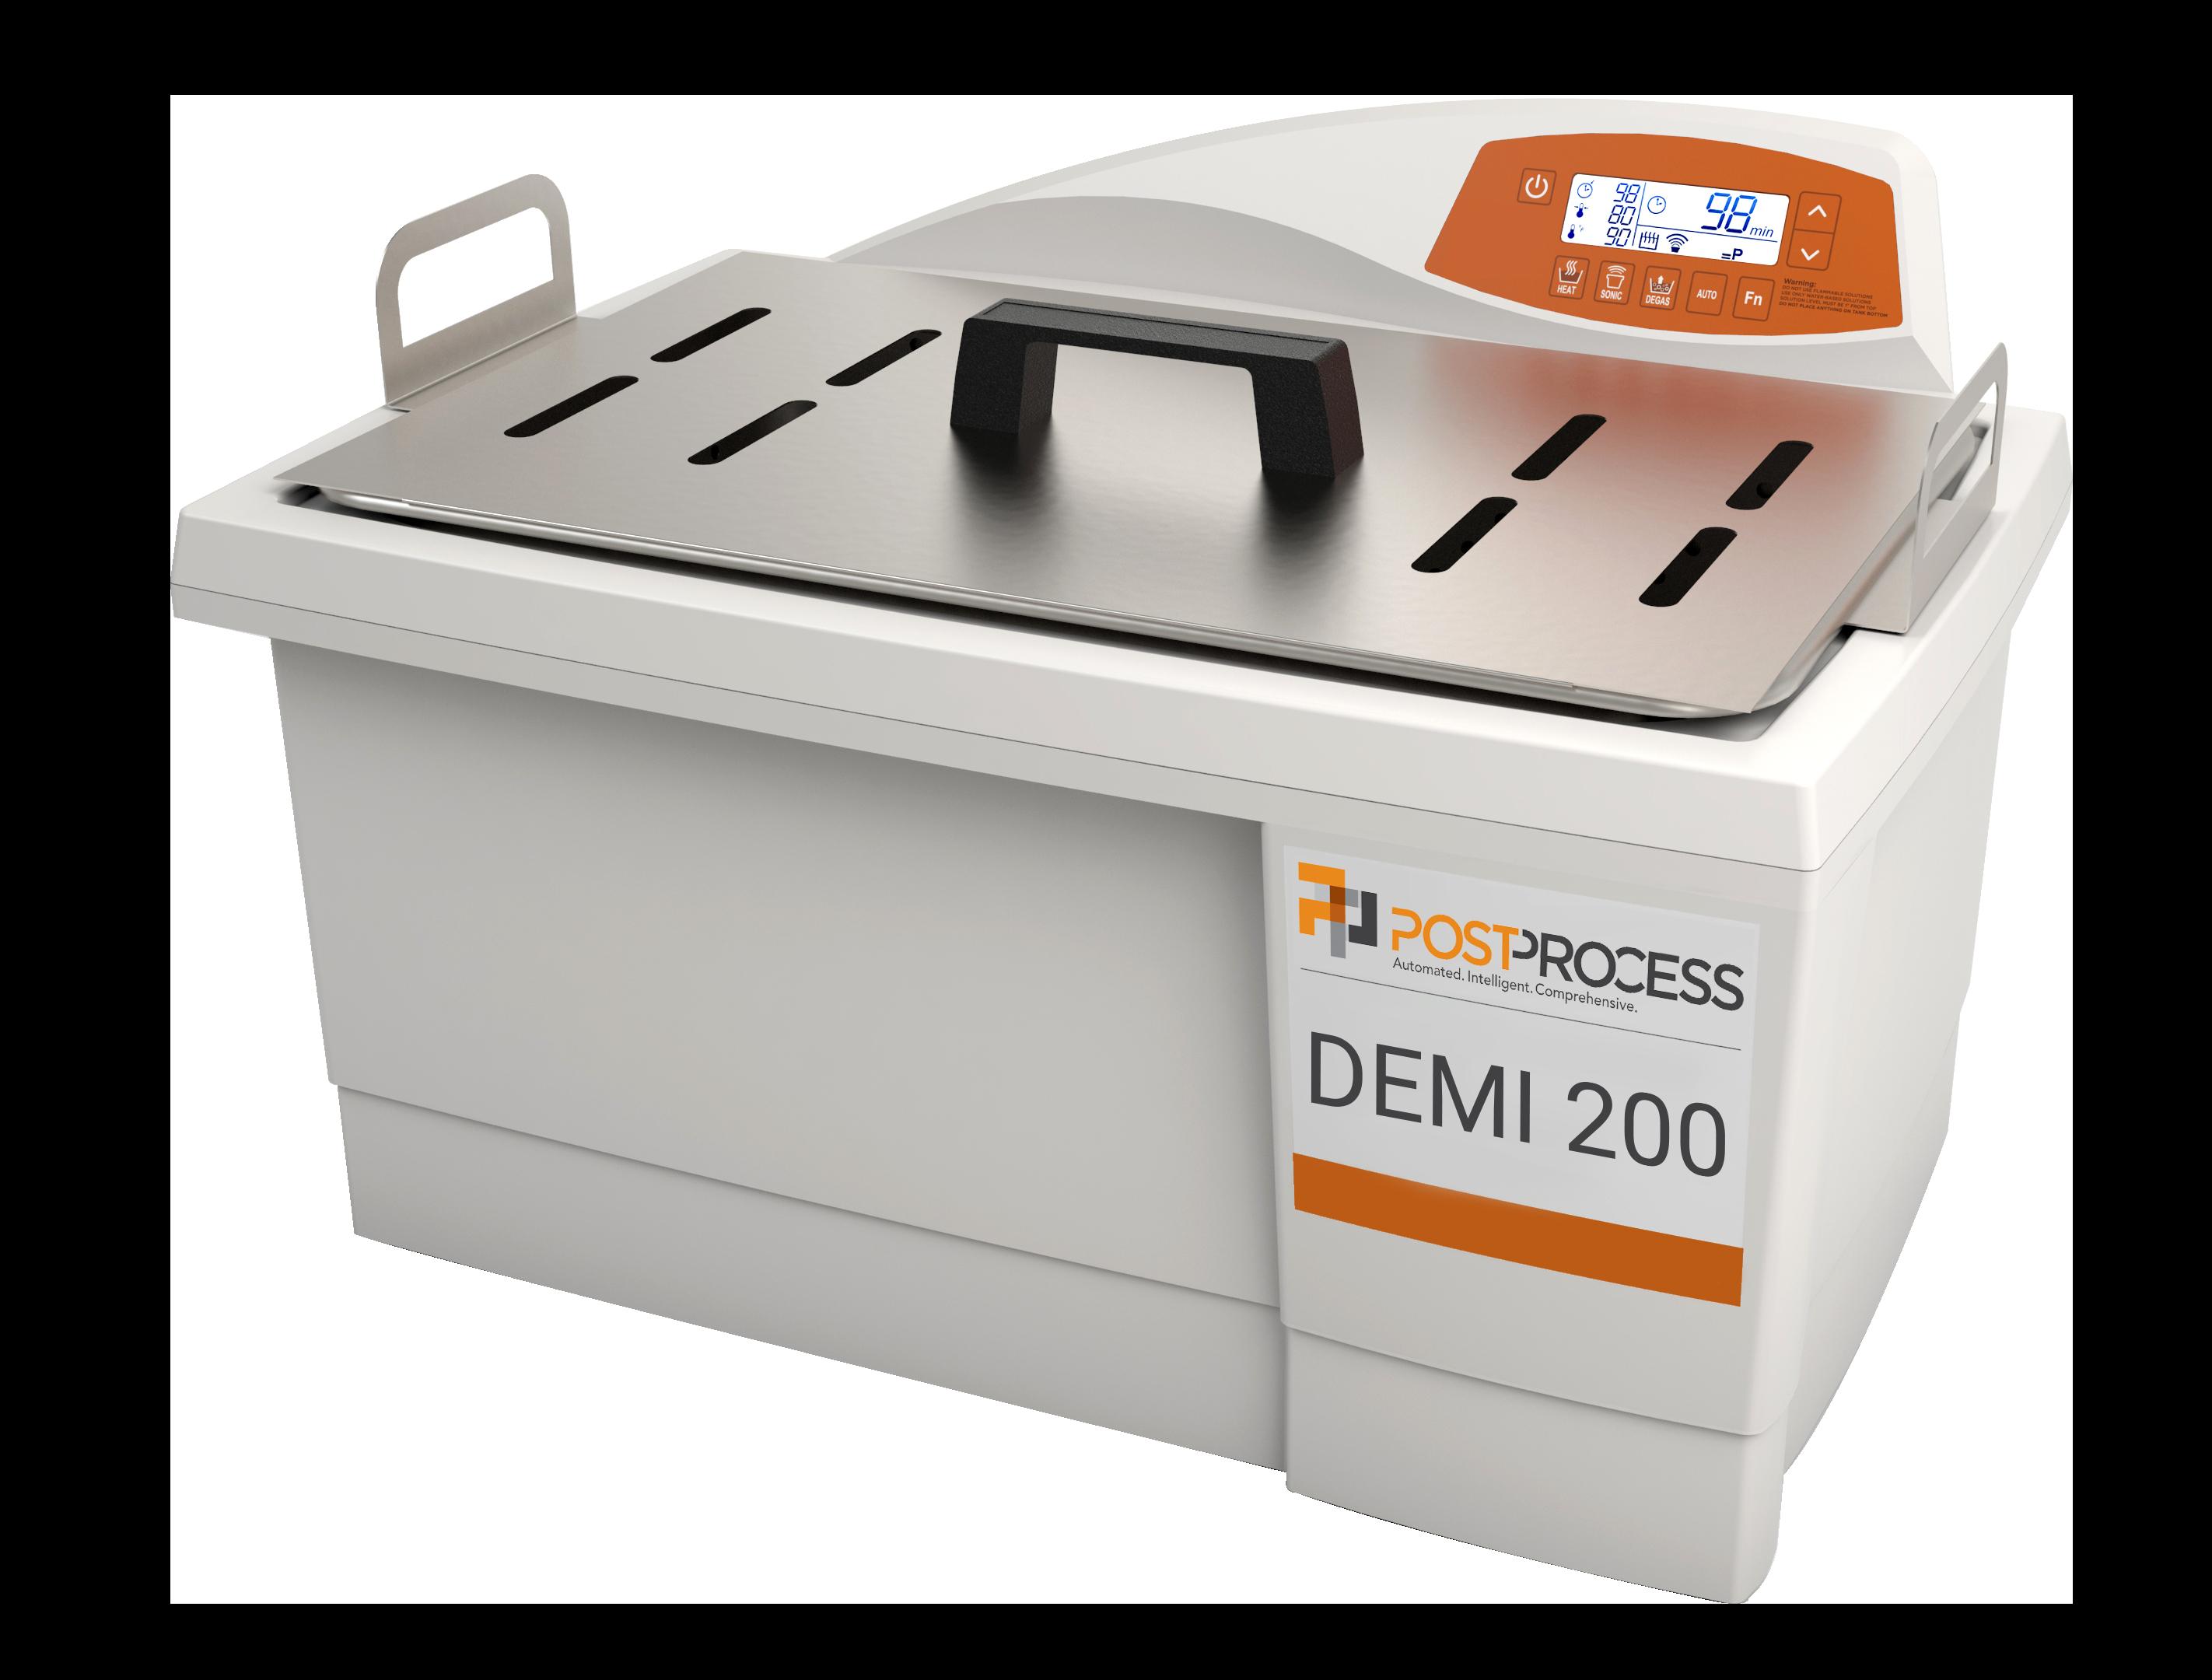 PostProcess™ DEMI 200™